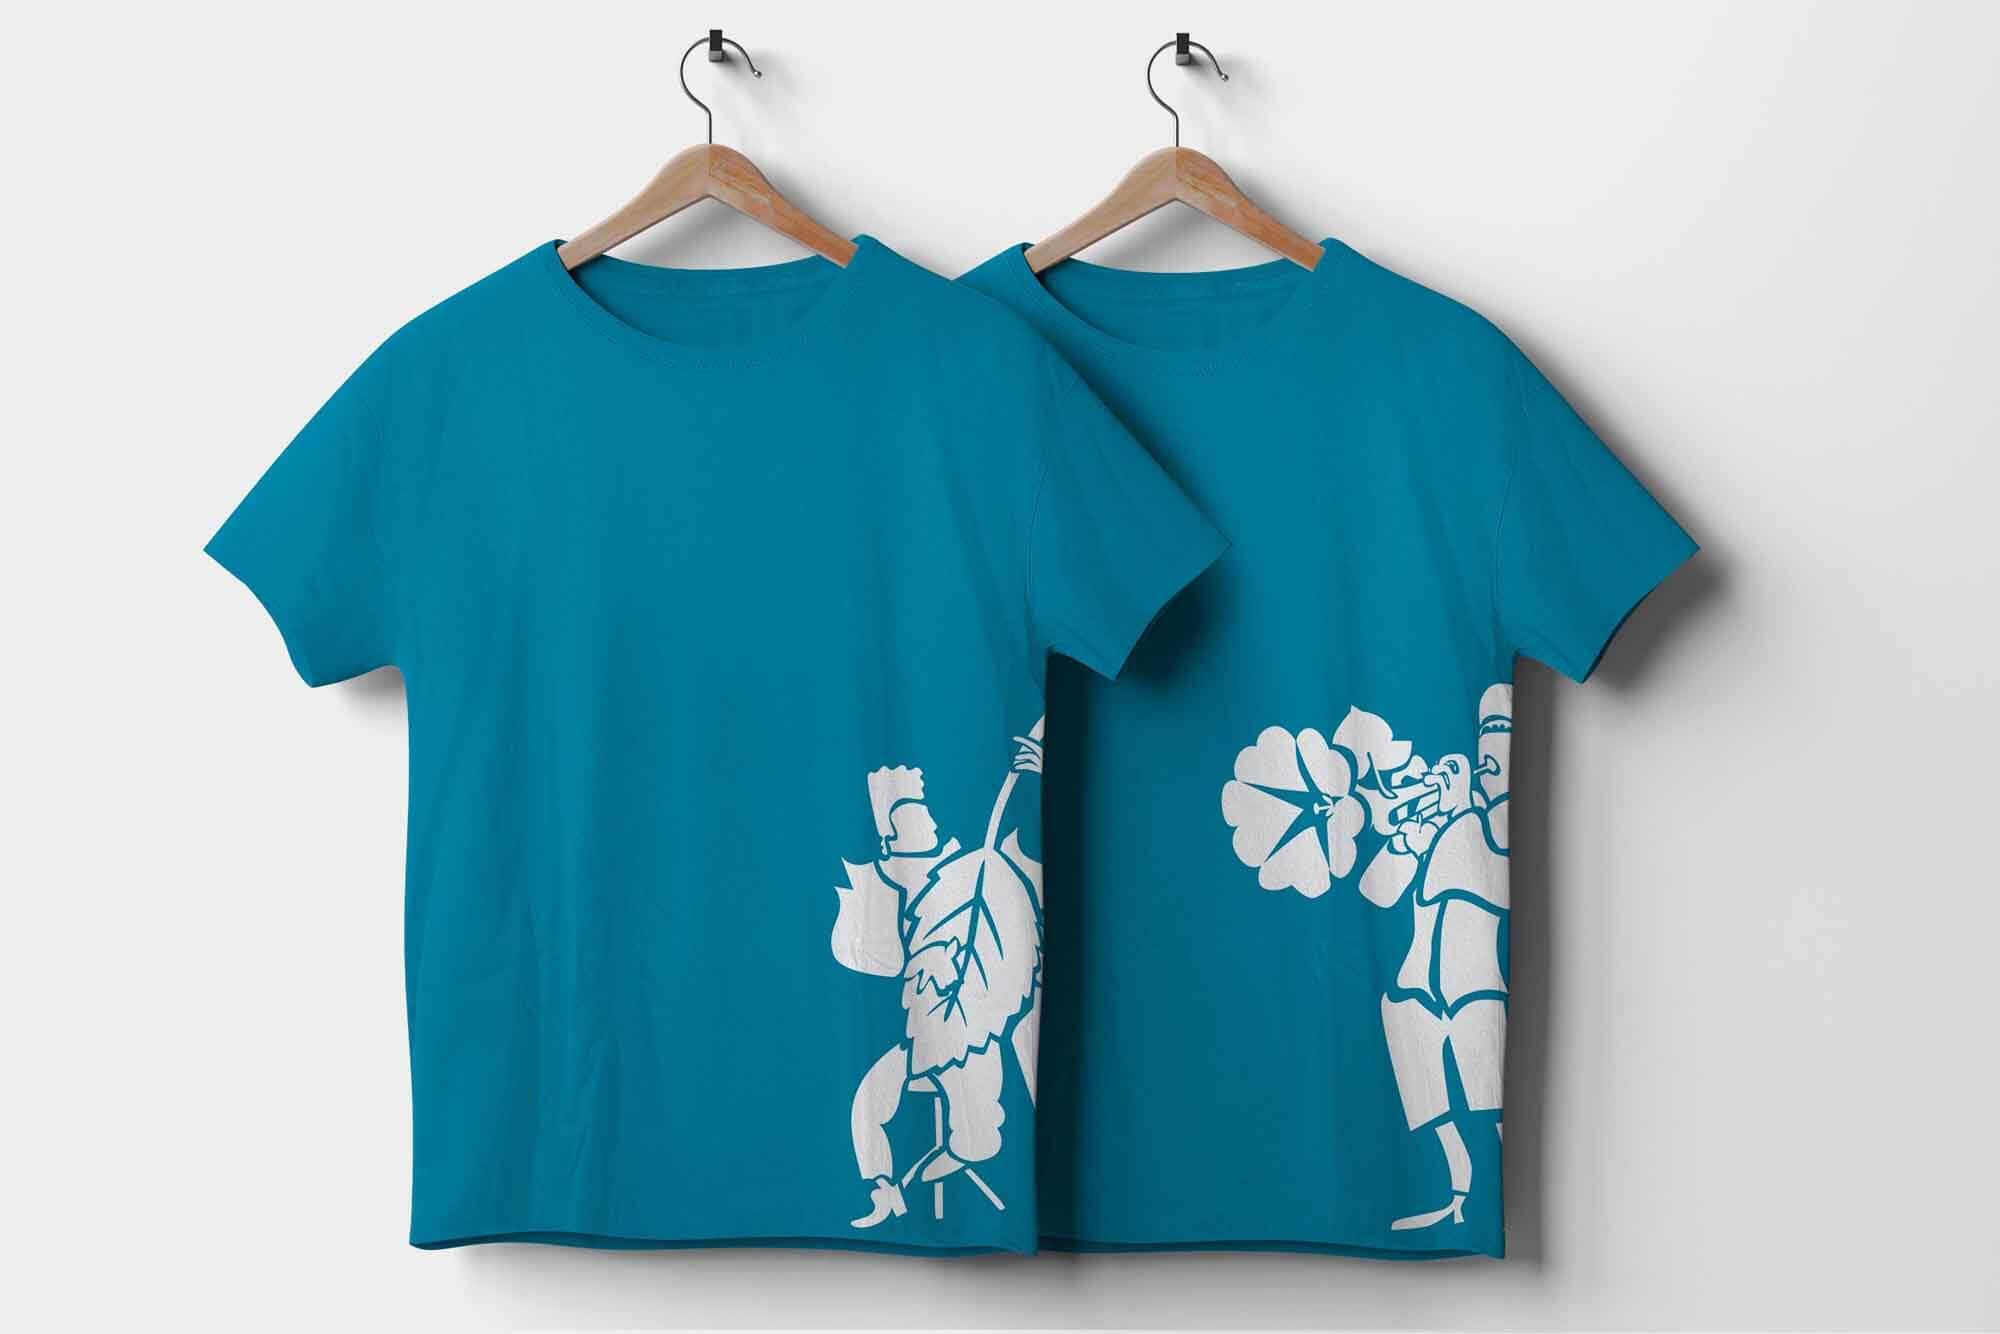 Bedrucktes T shirt für fläcke openair blau siebdruck